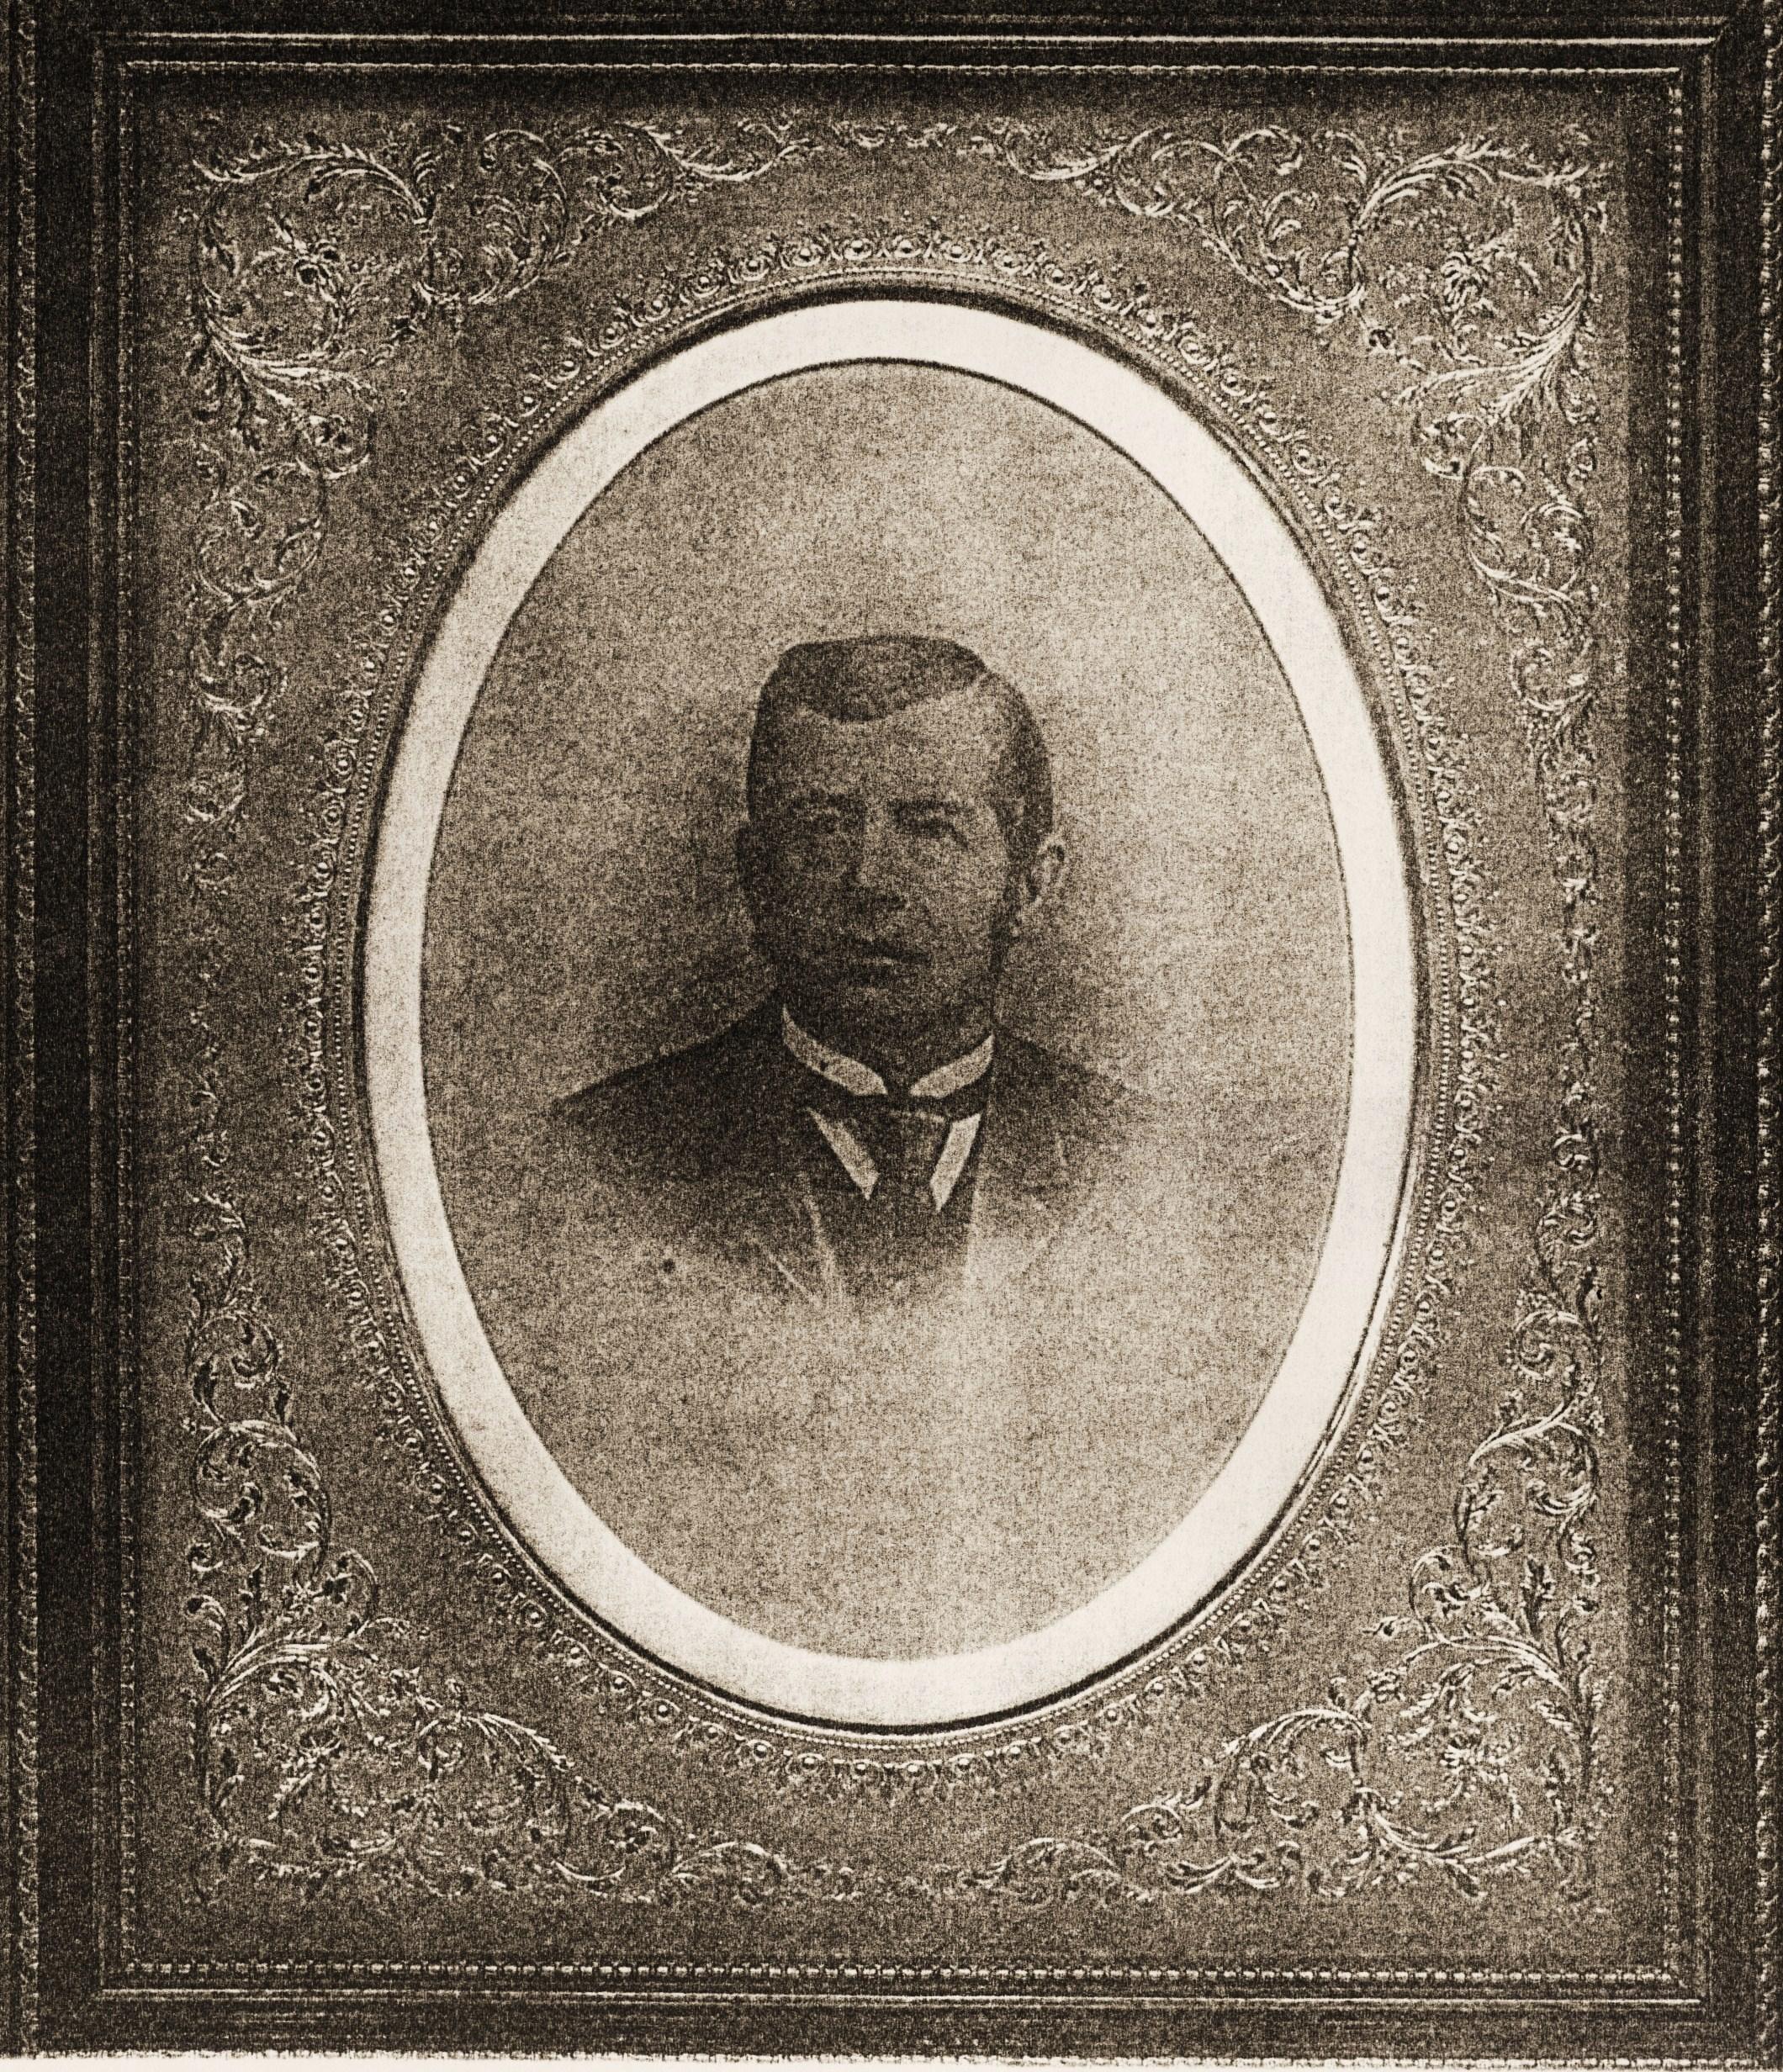 George William Bleecker 1824 - 1895